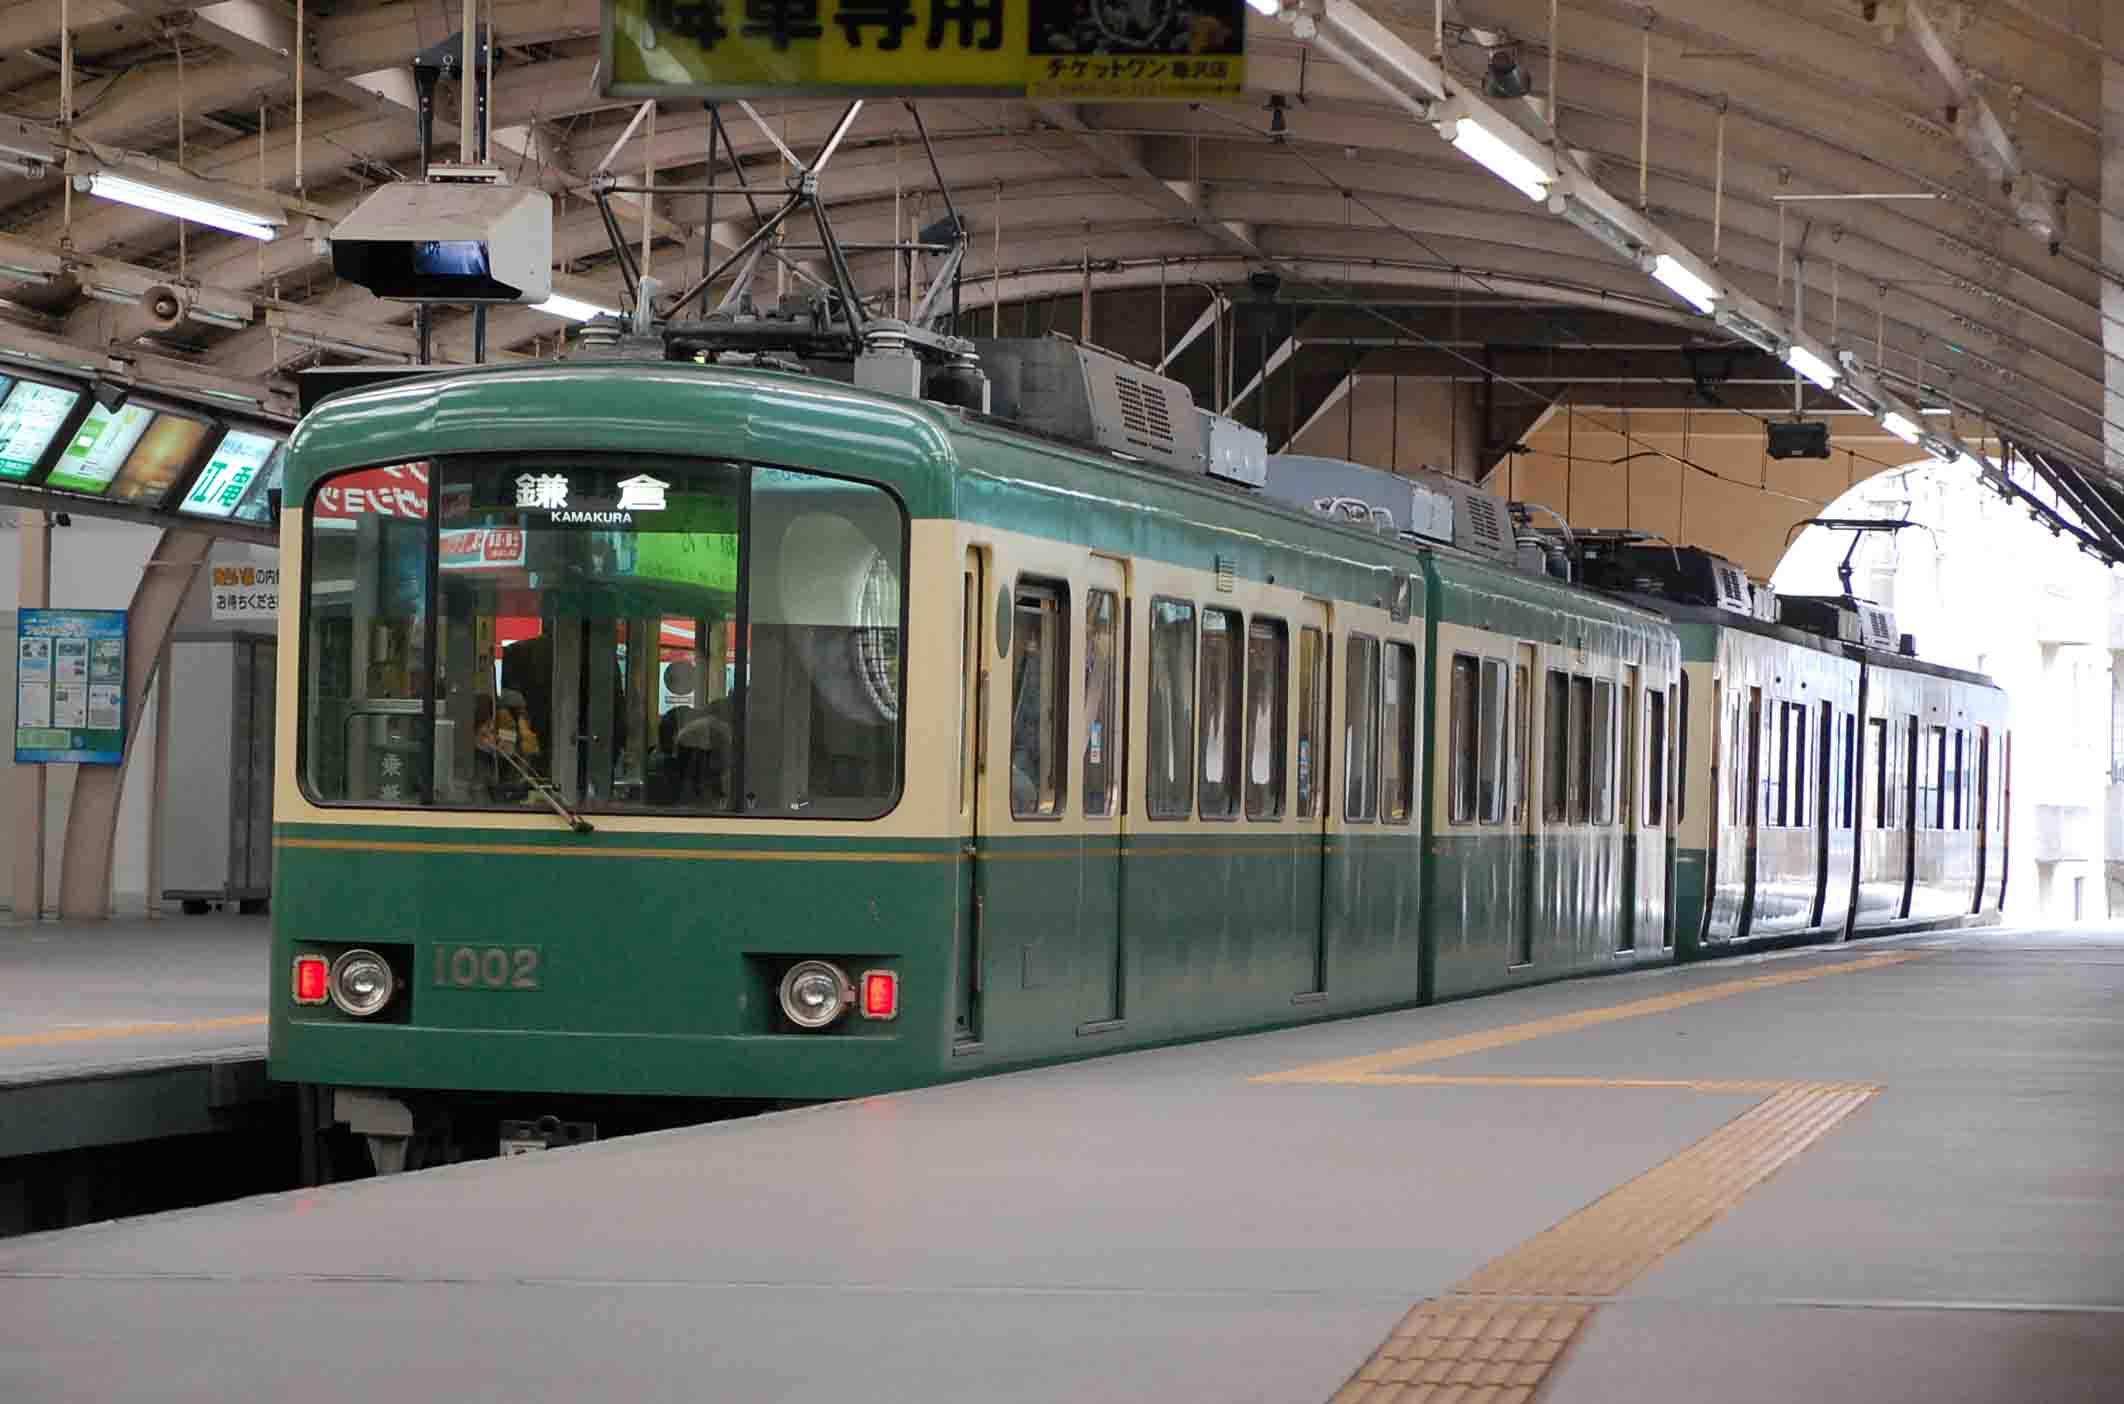 201111127藤沢市民会館 010A